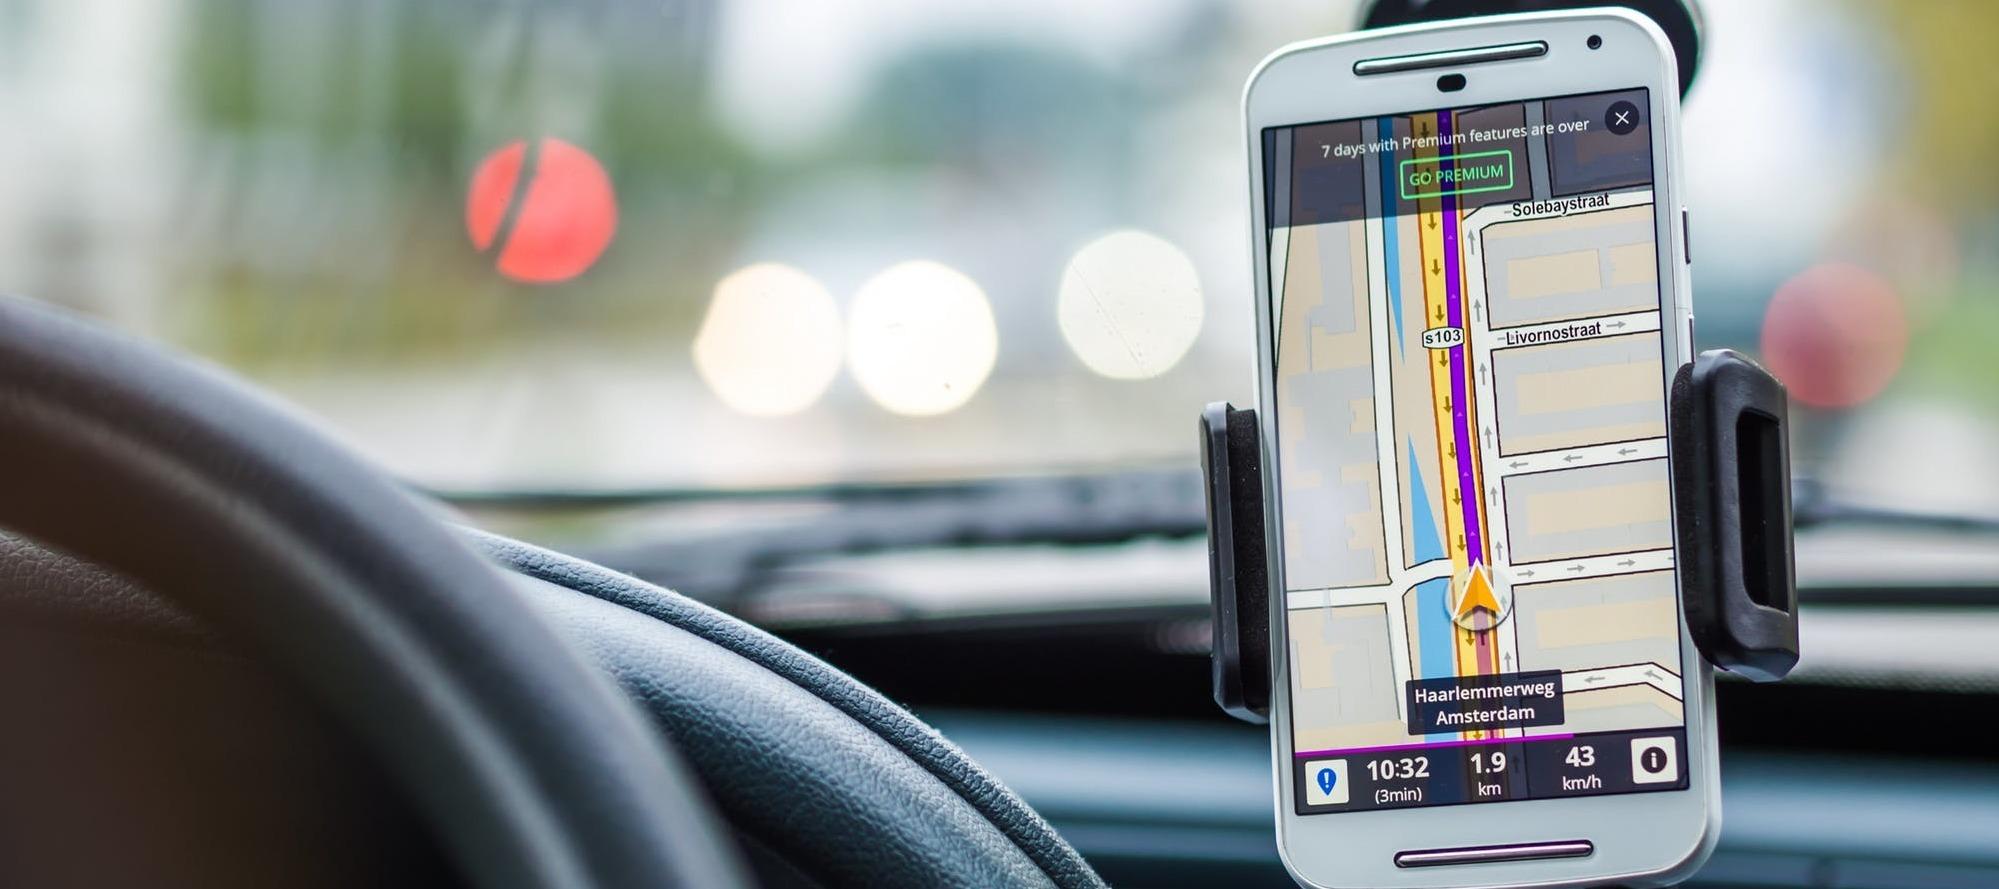 Neuer Pluspunkt... Huawei ersetzt Google Maps kurzerhand durch TomTom